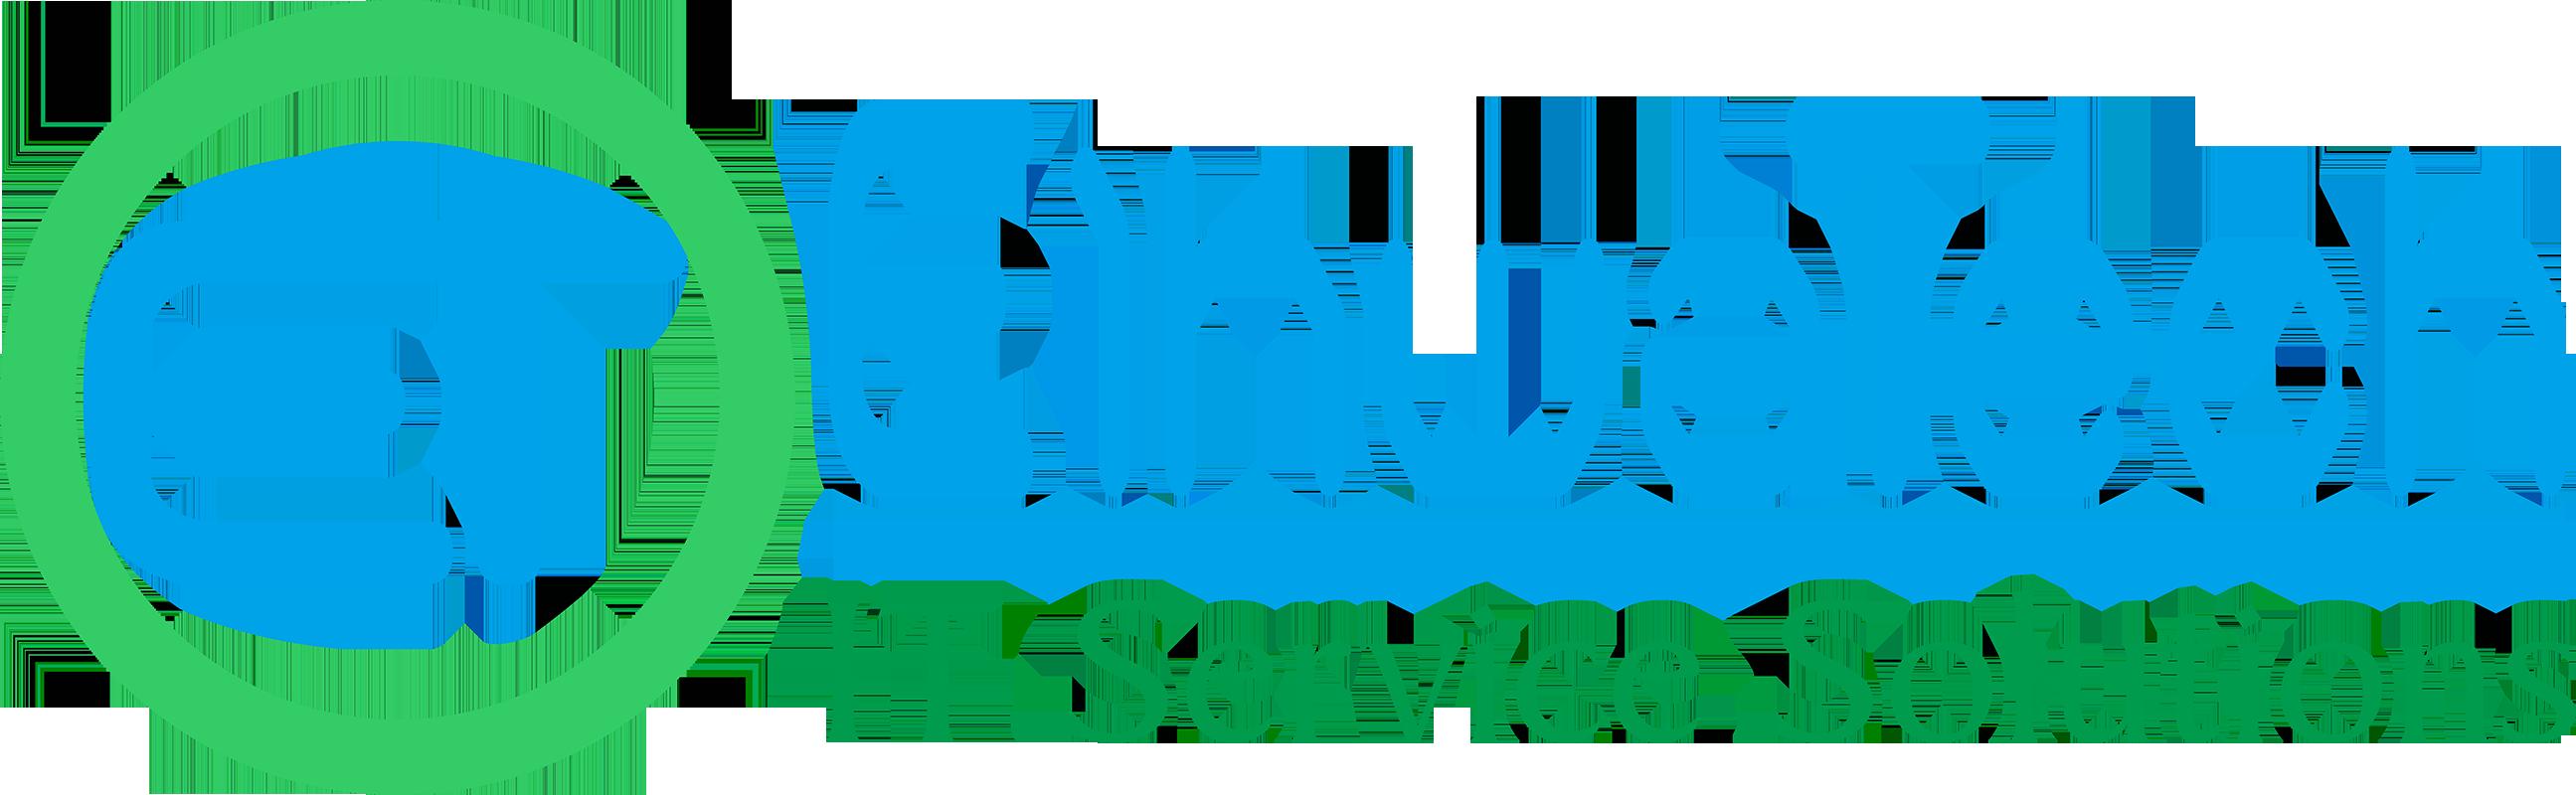 .: ElhwaTech :.